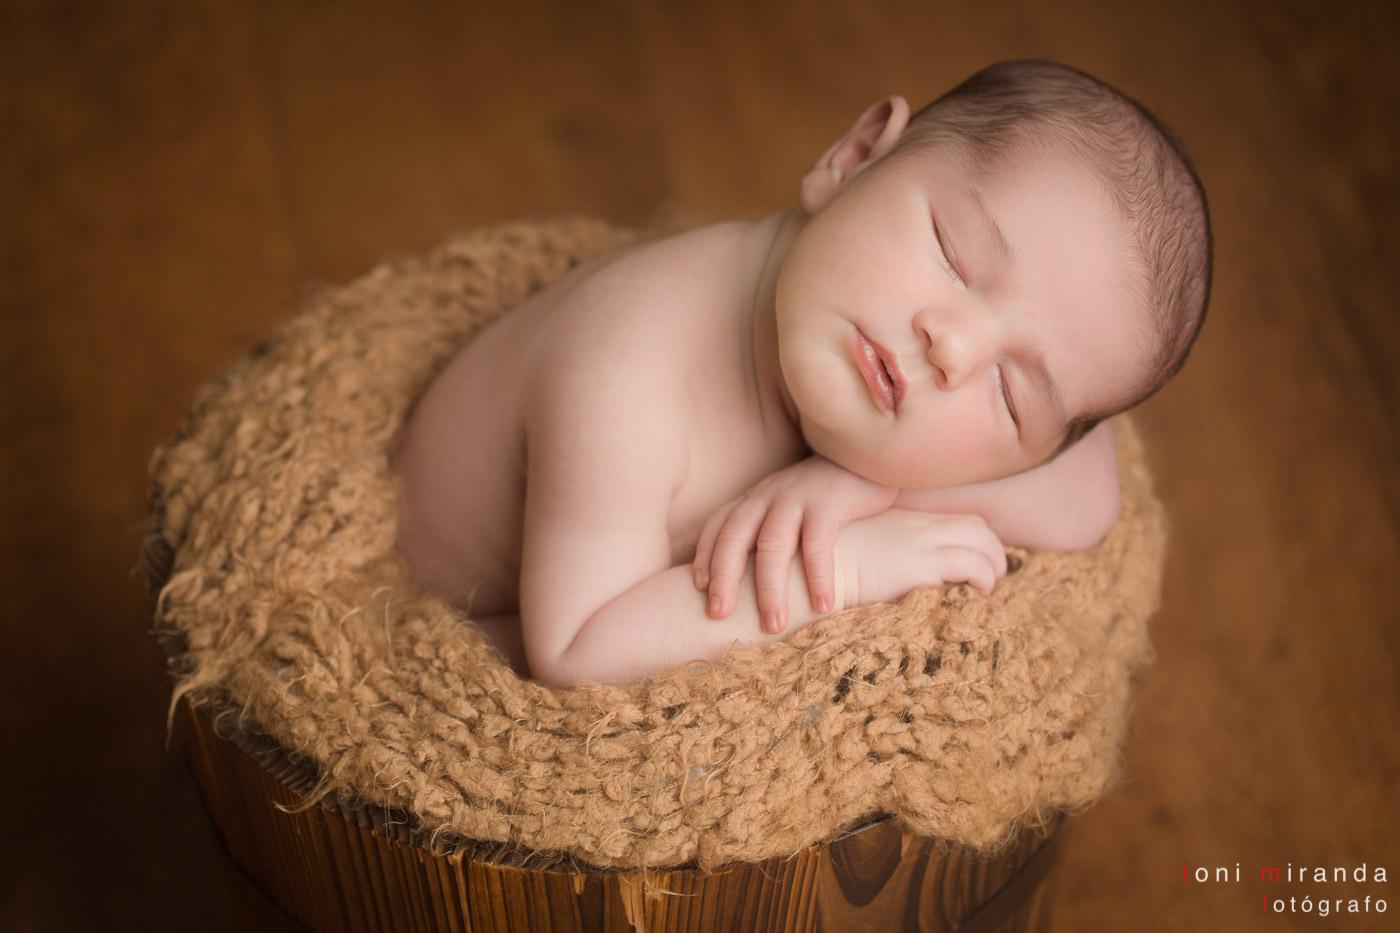 bebe recién nacido en cubo